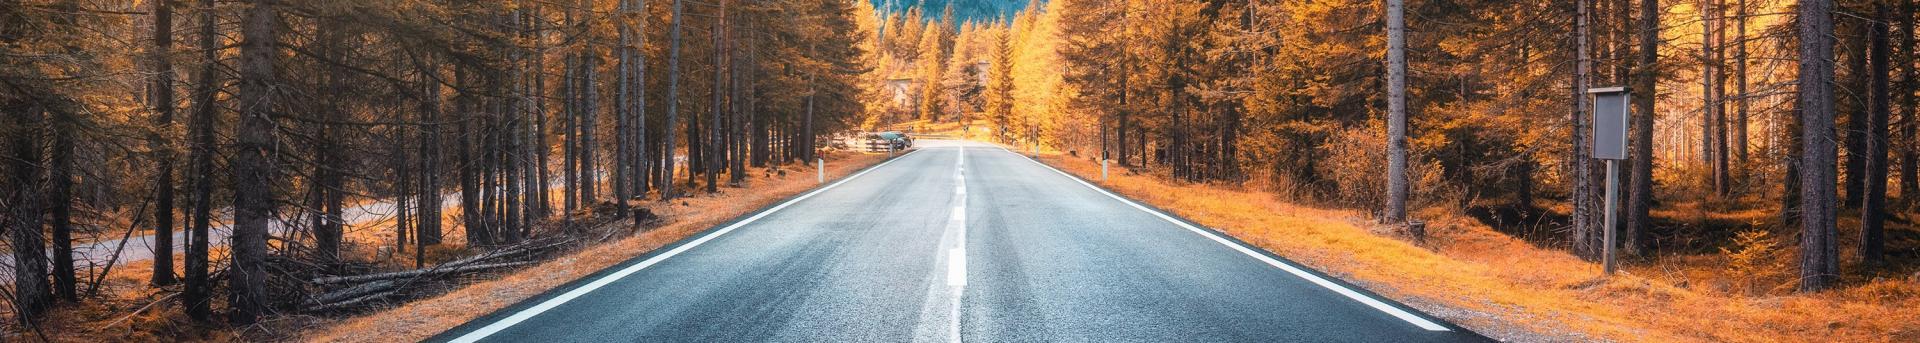 coche por la carretera de montaña en otoño